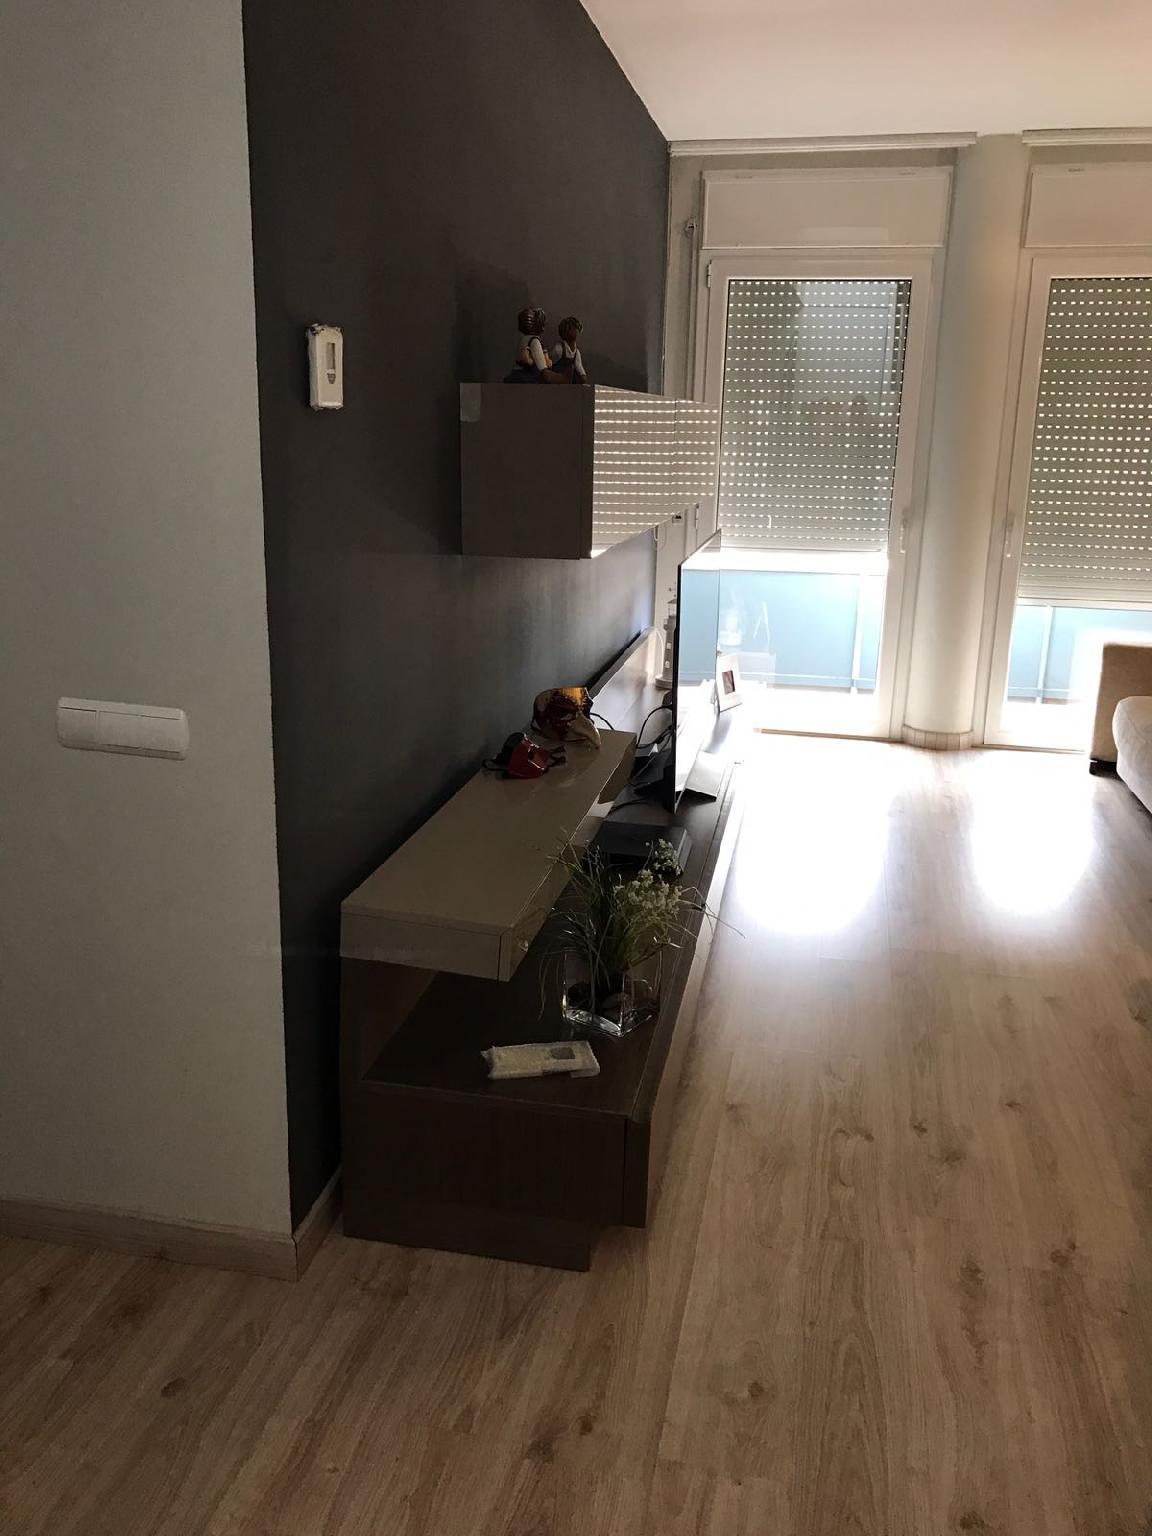 Alquiler de pisos en cardedeu top alquiler cardedeu pisos for Pisos alquiler cardedeu